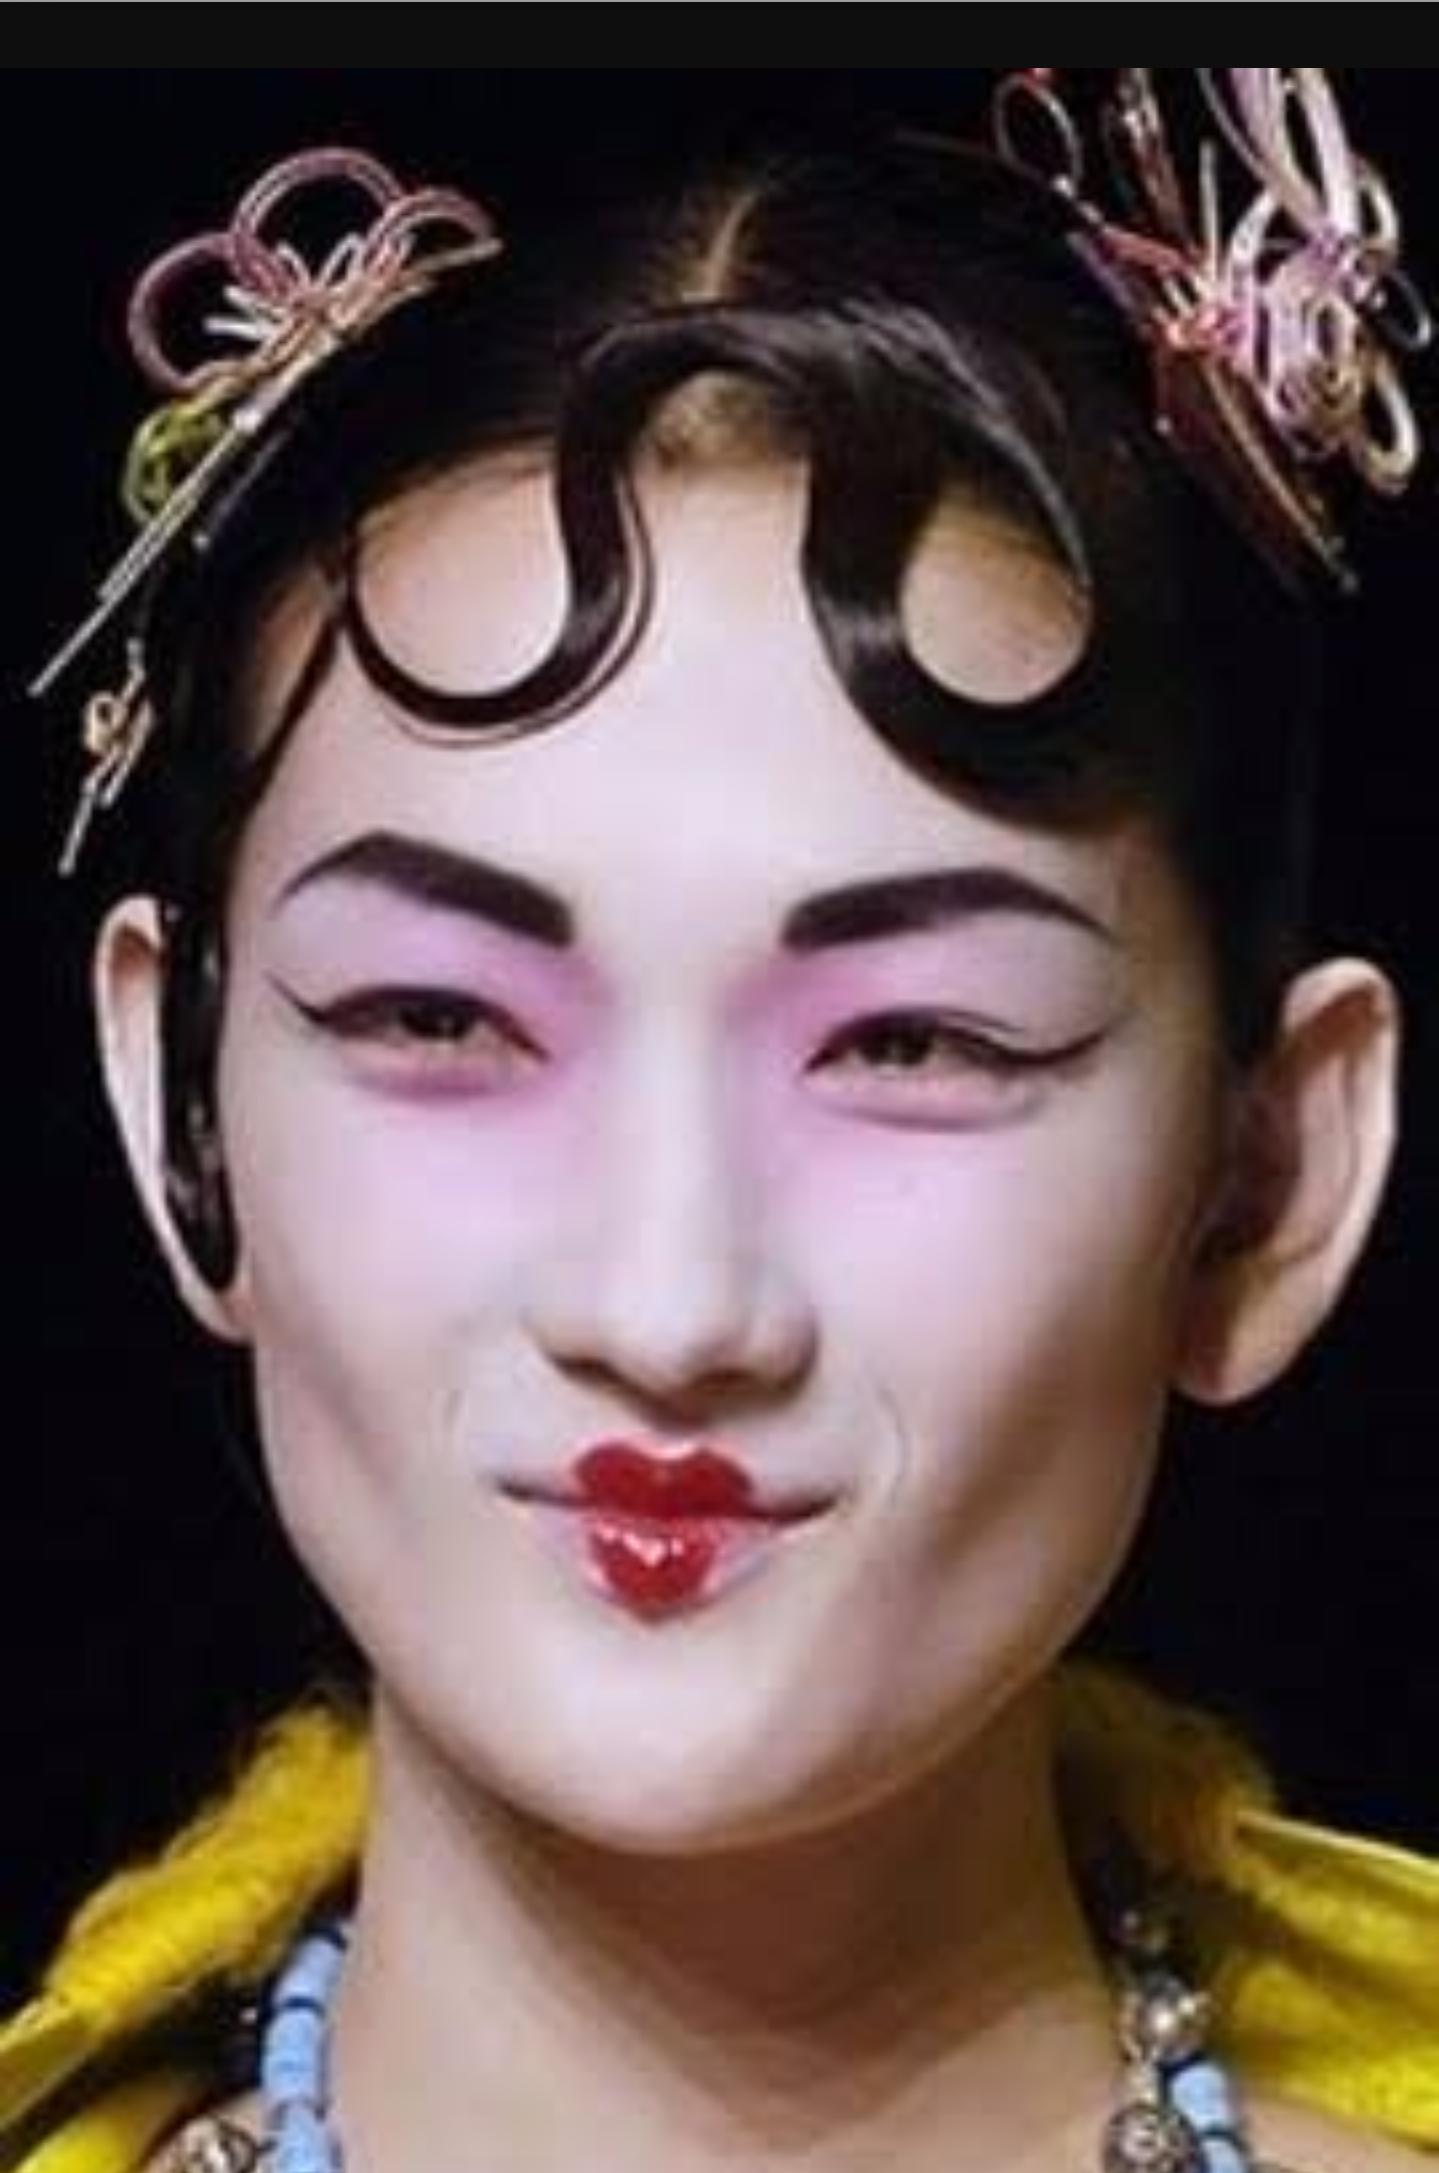 """広瀬すず""""9割すっぴん""""顔を公開 ナチュラルな色気に「女神」「大人っぽい」と反響"""